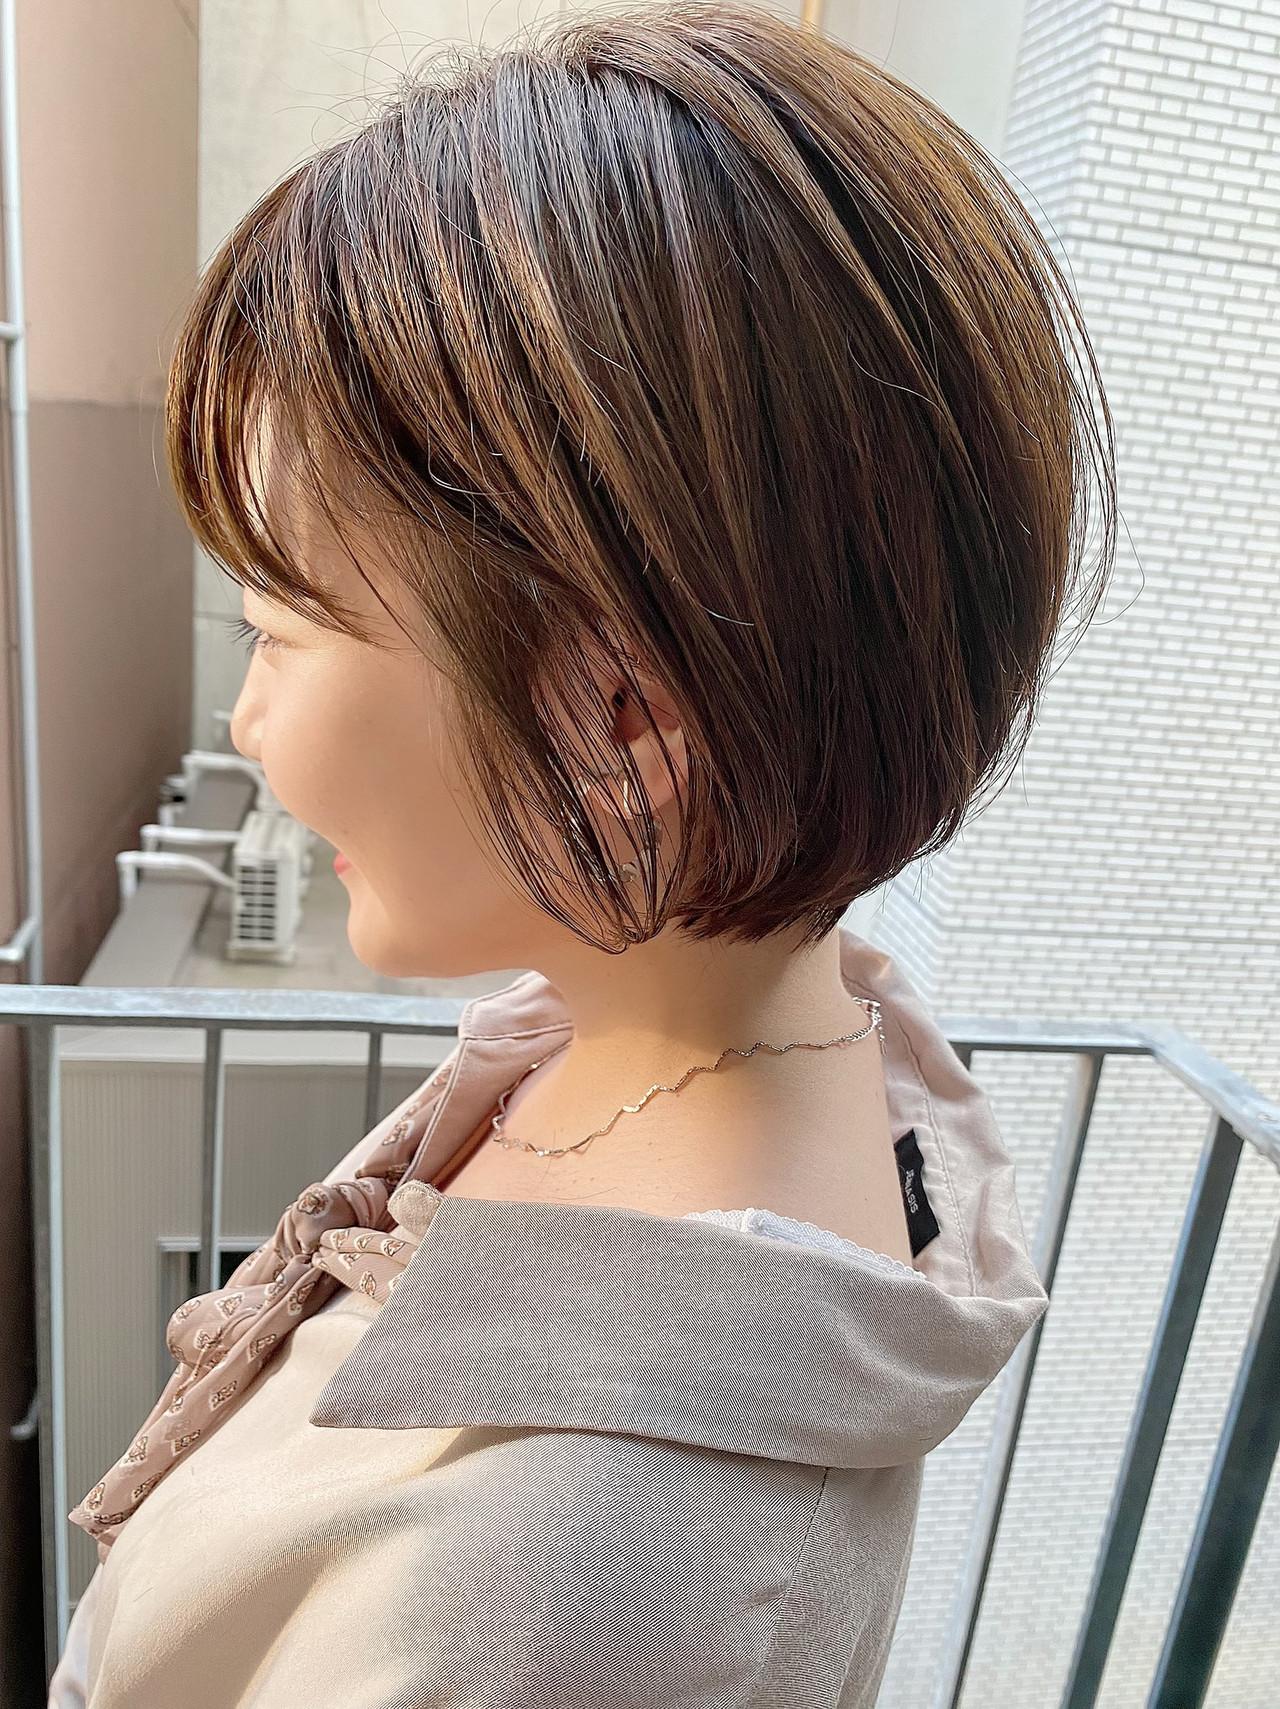 ナチュラル ショート ショートヘア オフィス ヘアスタイルや髪型の写真・画像 | 大人可愛い【ショート・ボブが得意】つばさ / VIE